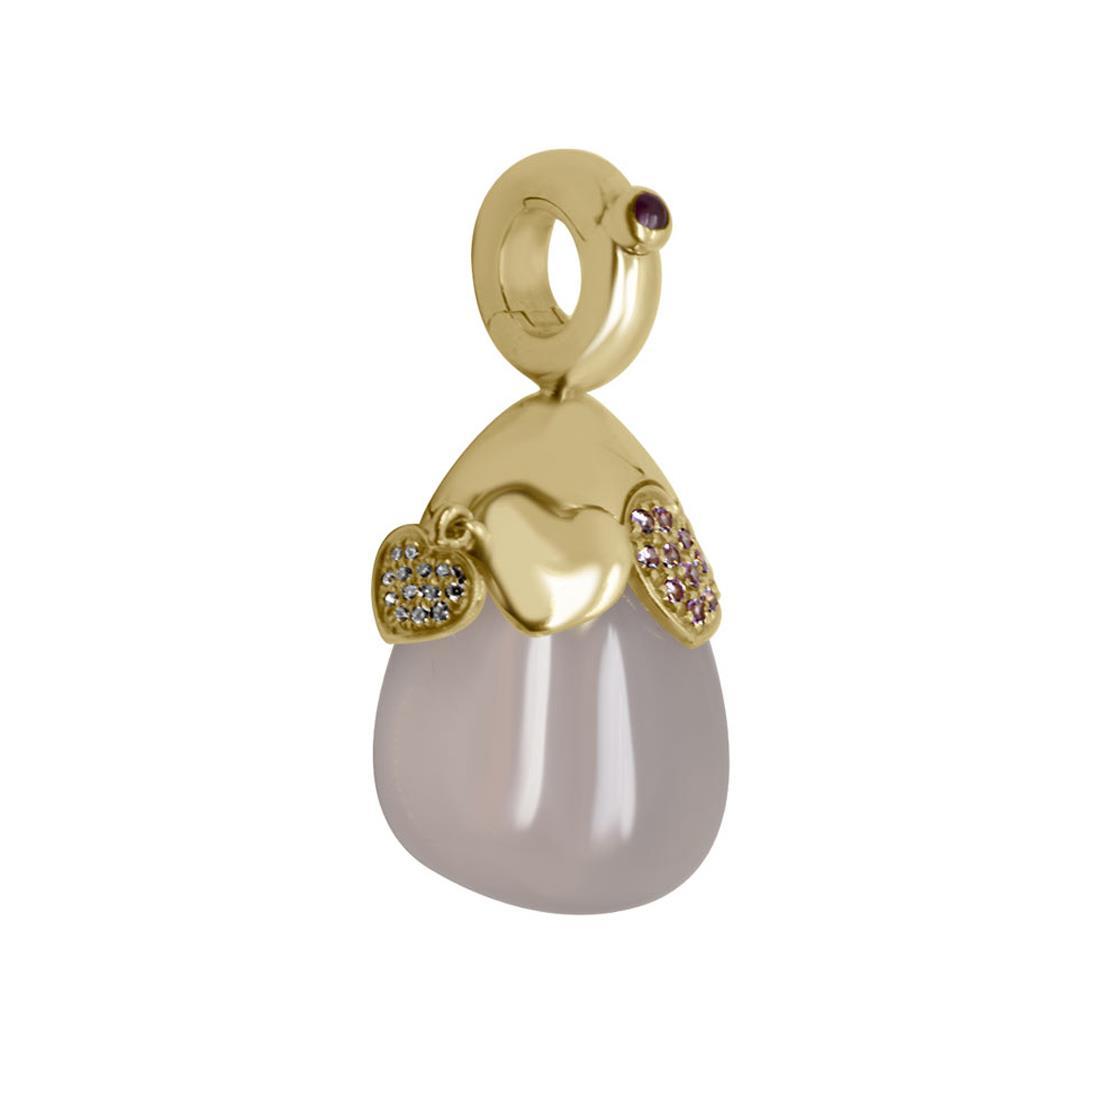 Ciondolo in oro rosso con diamanti, rubini e zaffiri - PASQUALE BRUNI